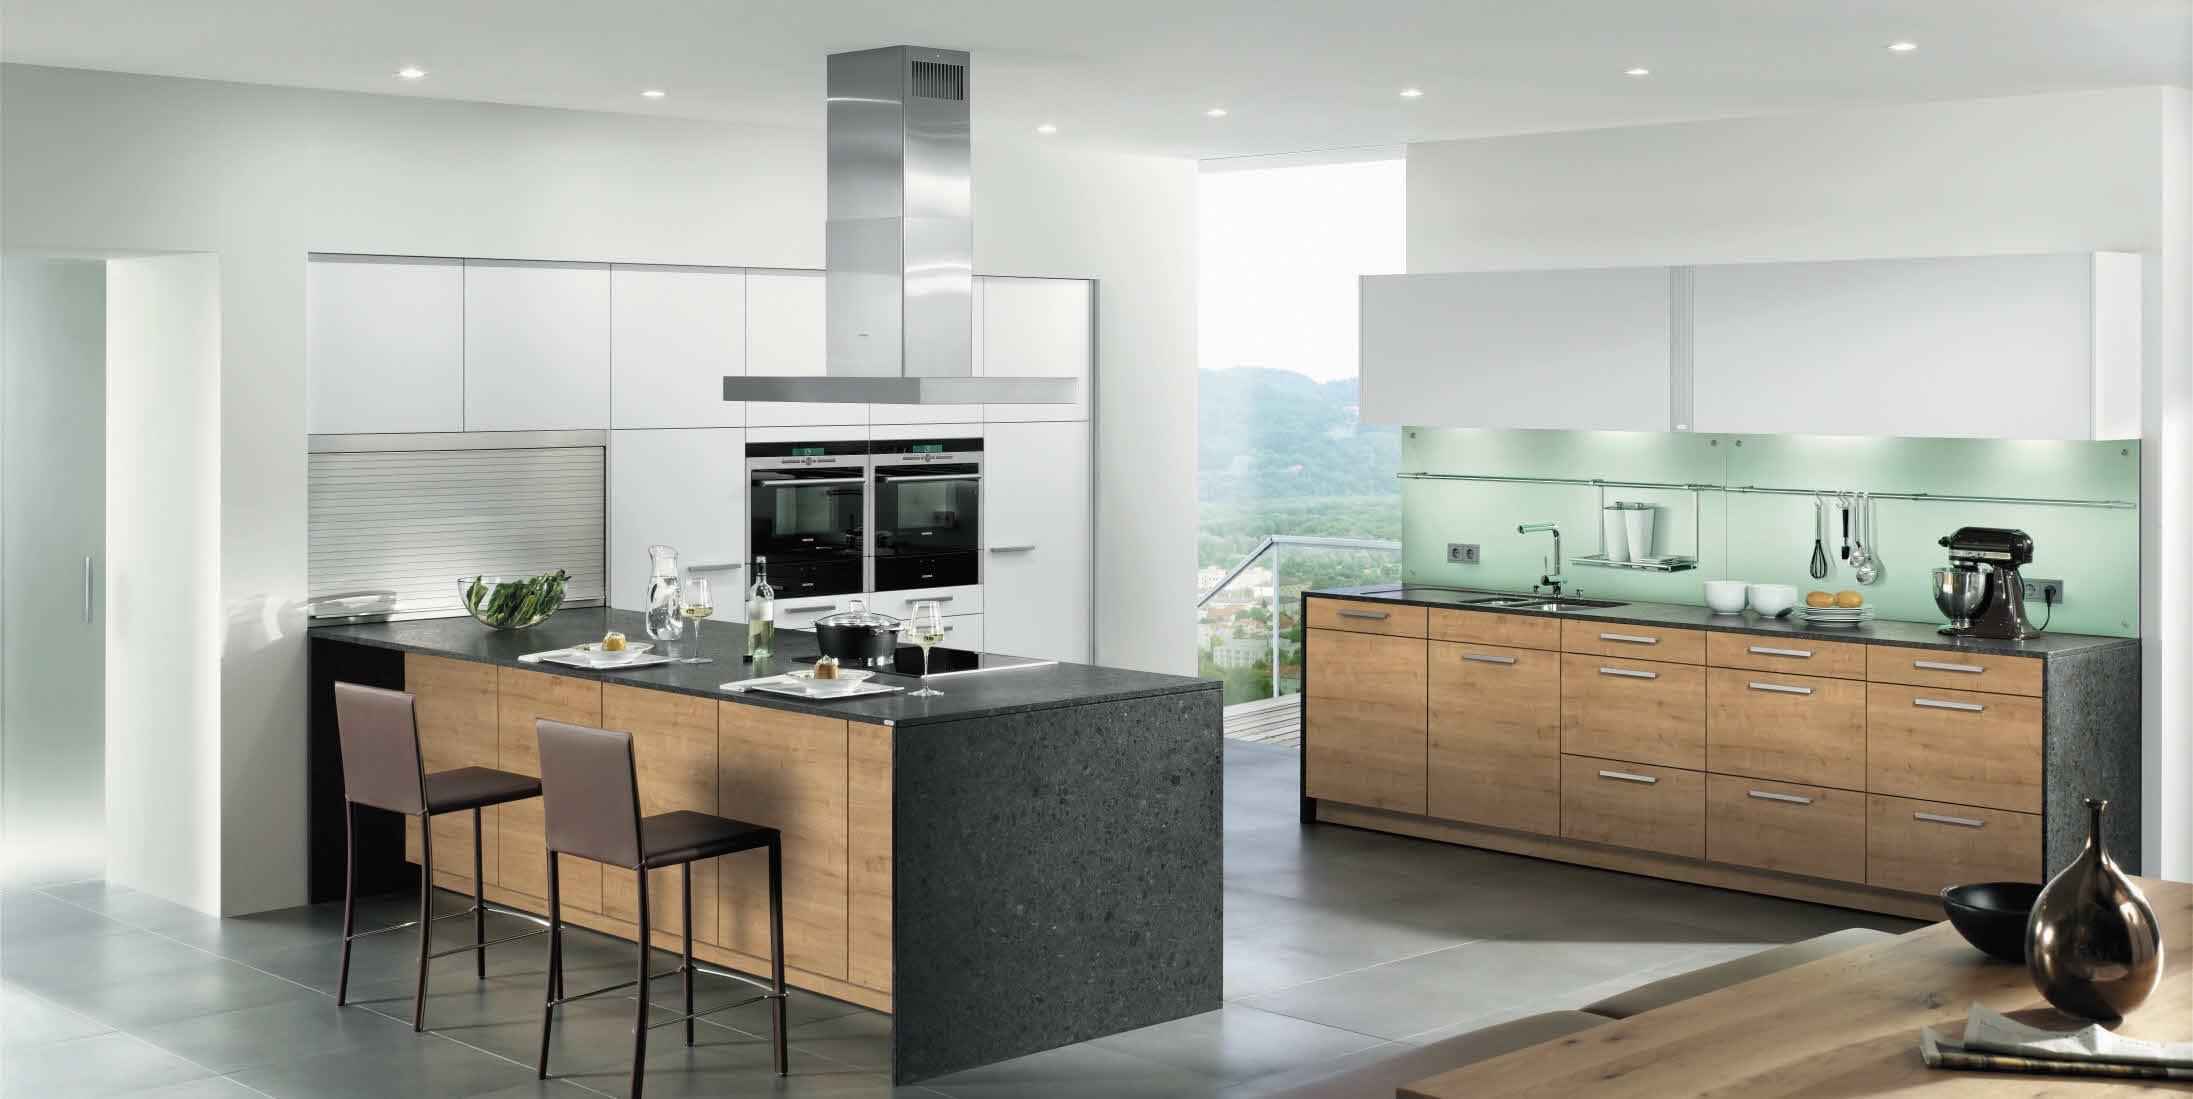 Pin kuchen modelle on pinterest for Küchen modelle